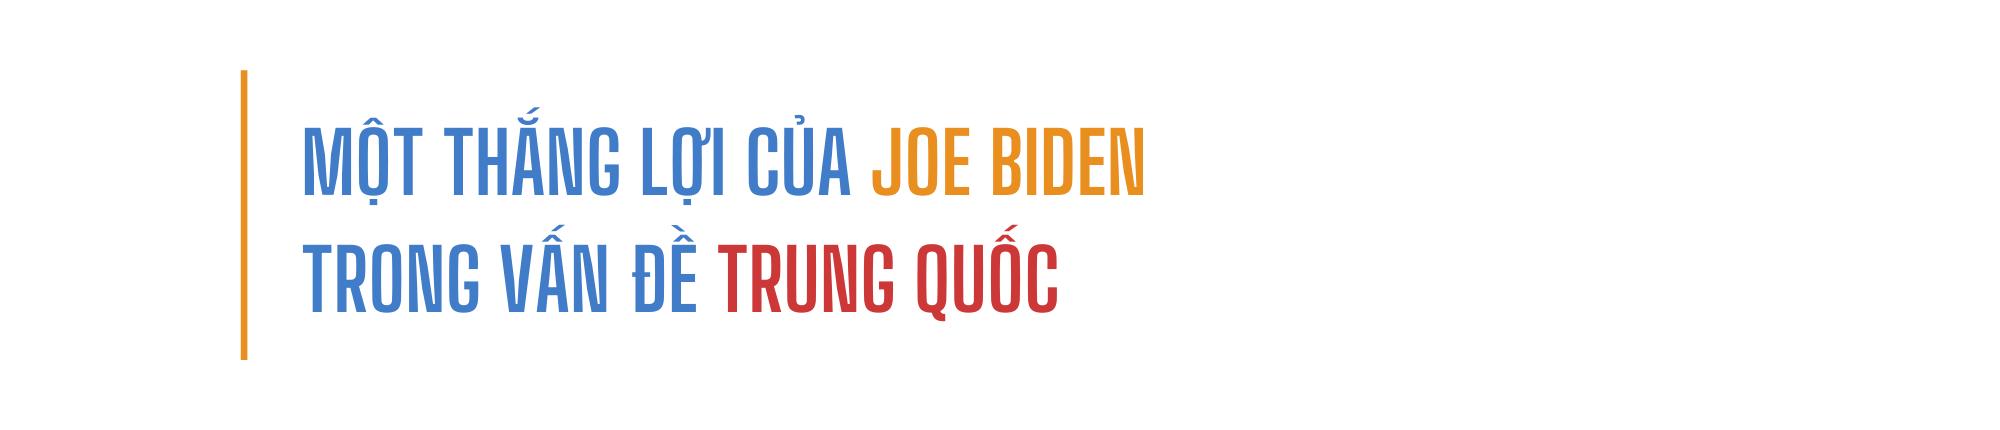 2 thắng lợi bước ngoặt trên mặt trận kinh tế của ông Biden trong chuyến công du nước ngoài đầu tiên - Ảnh 3.